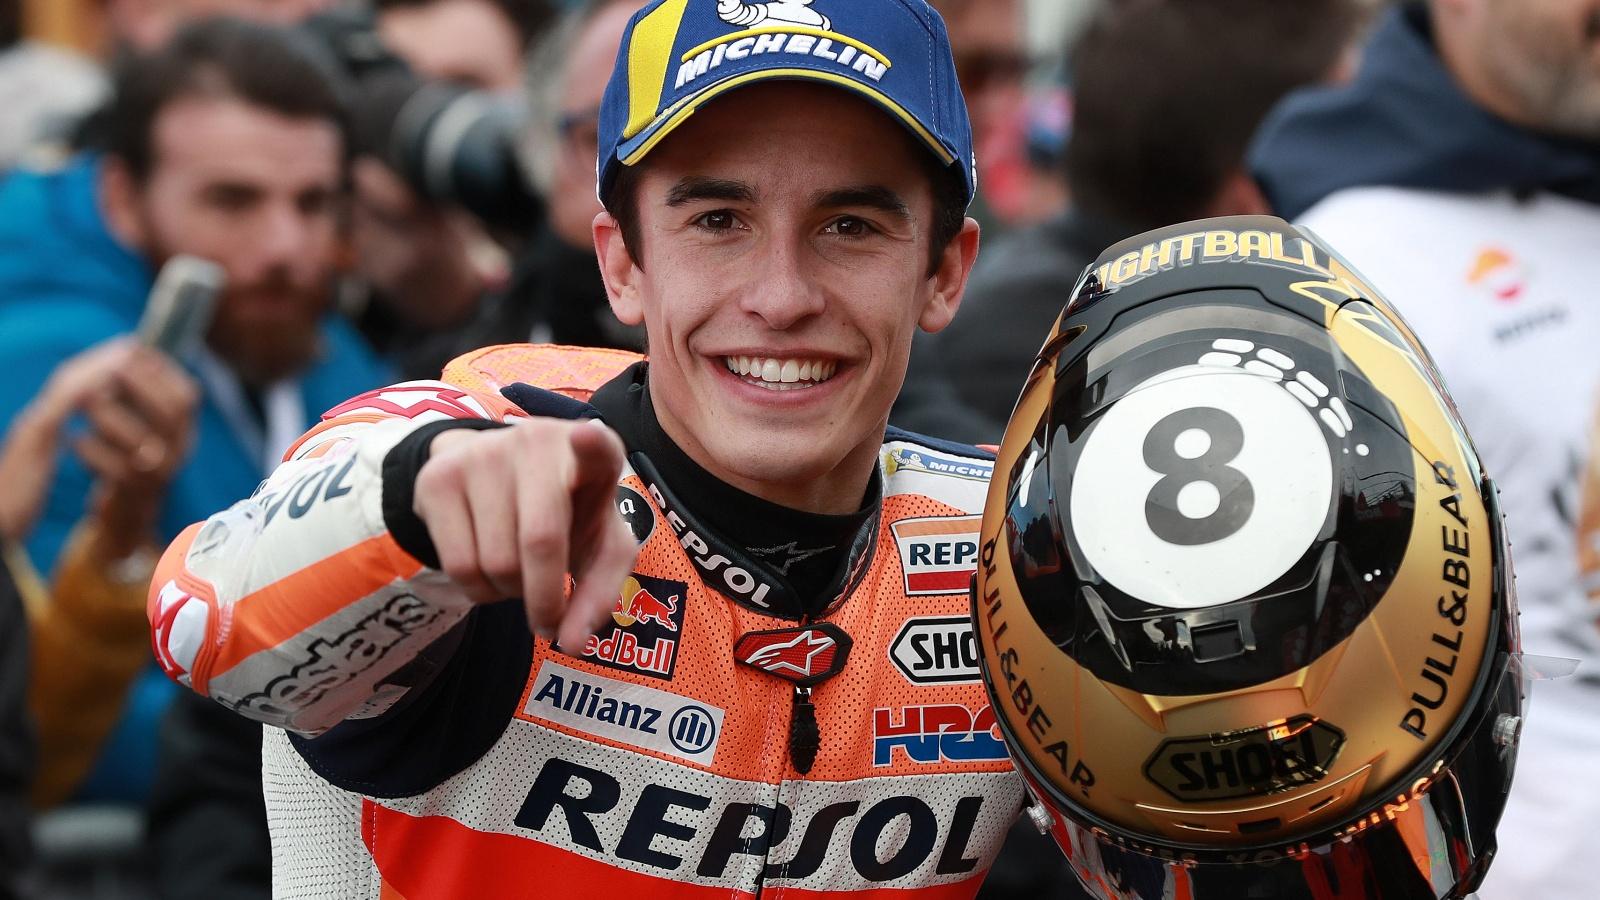 Clasificaciones finales 2019 MotoGP, Moto2, Moto3 y MotoE: pilotos, motos y equipos